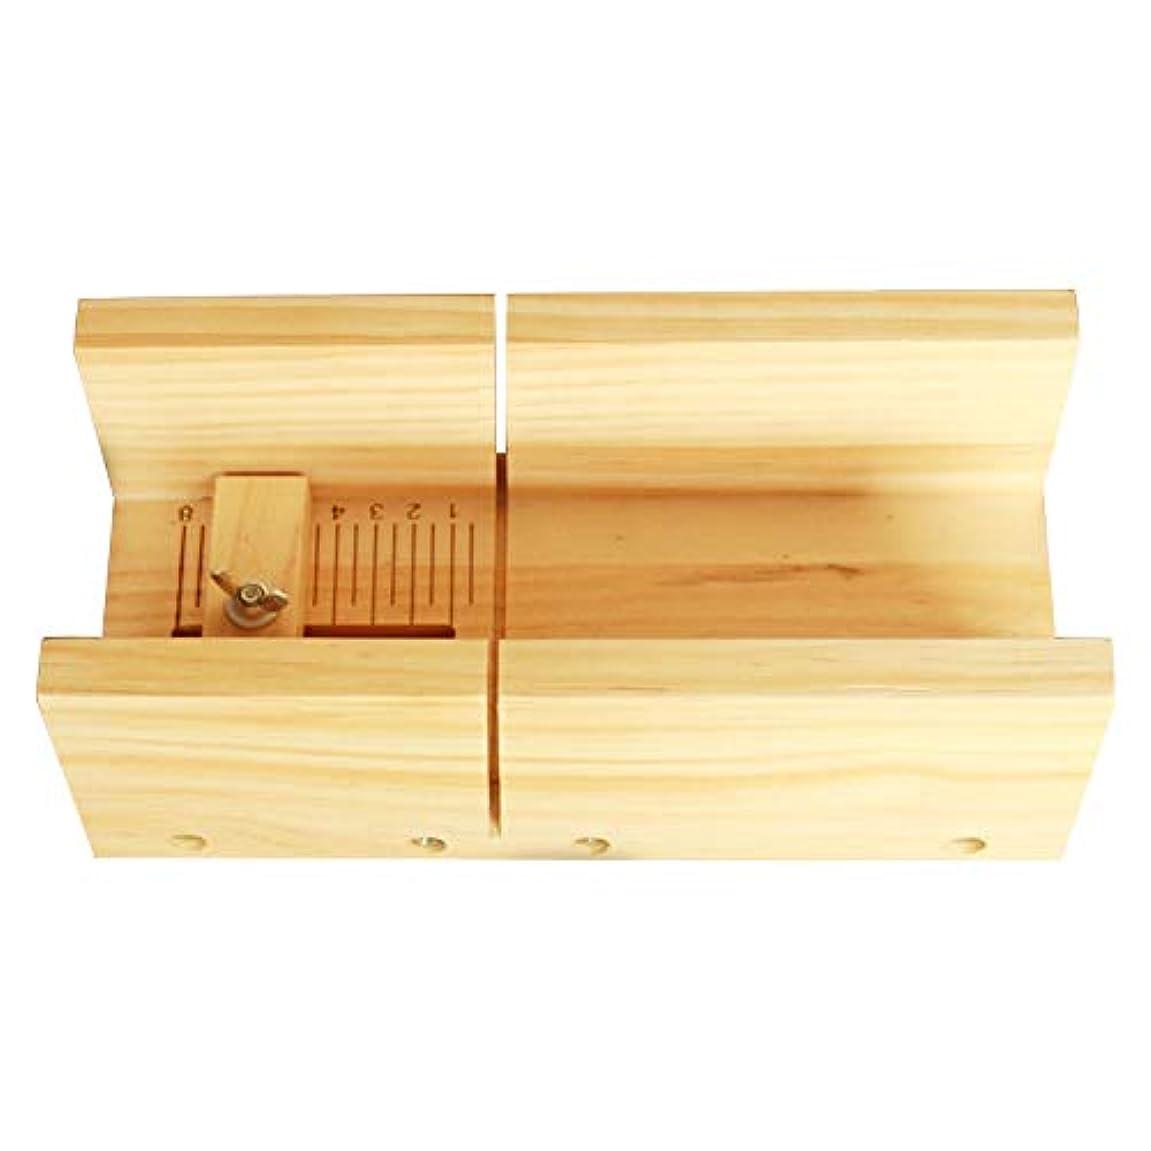 治療追い越す地域ソープカッター、多機能ソープカッターキャンドルケーキチョコレートカッティングツール木製ボックス器具キャンドルスケール用DIYクラフトを作る